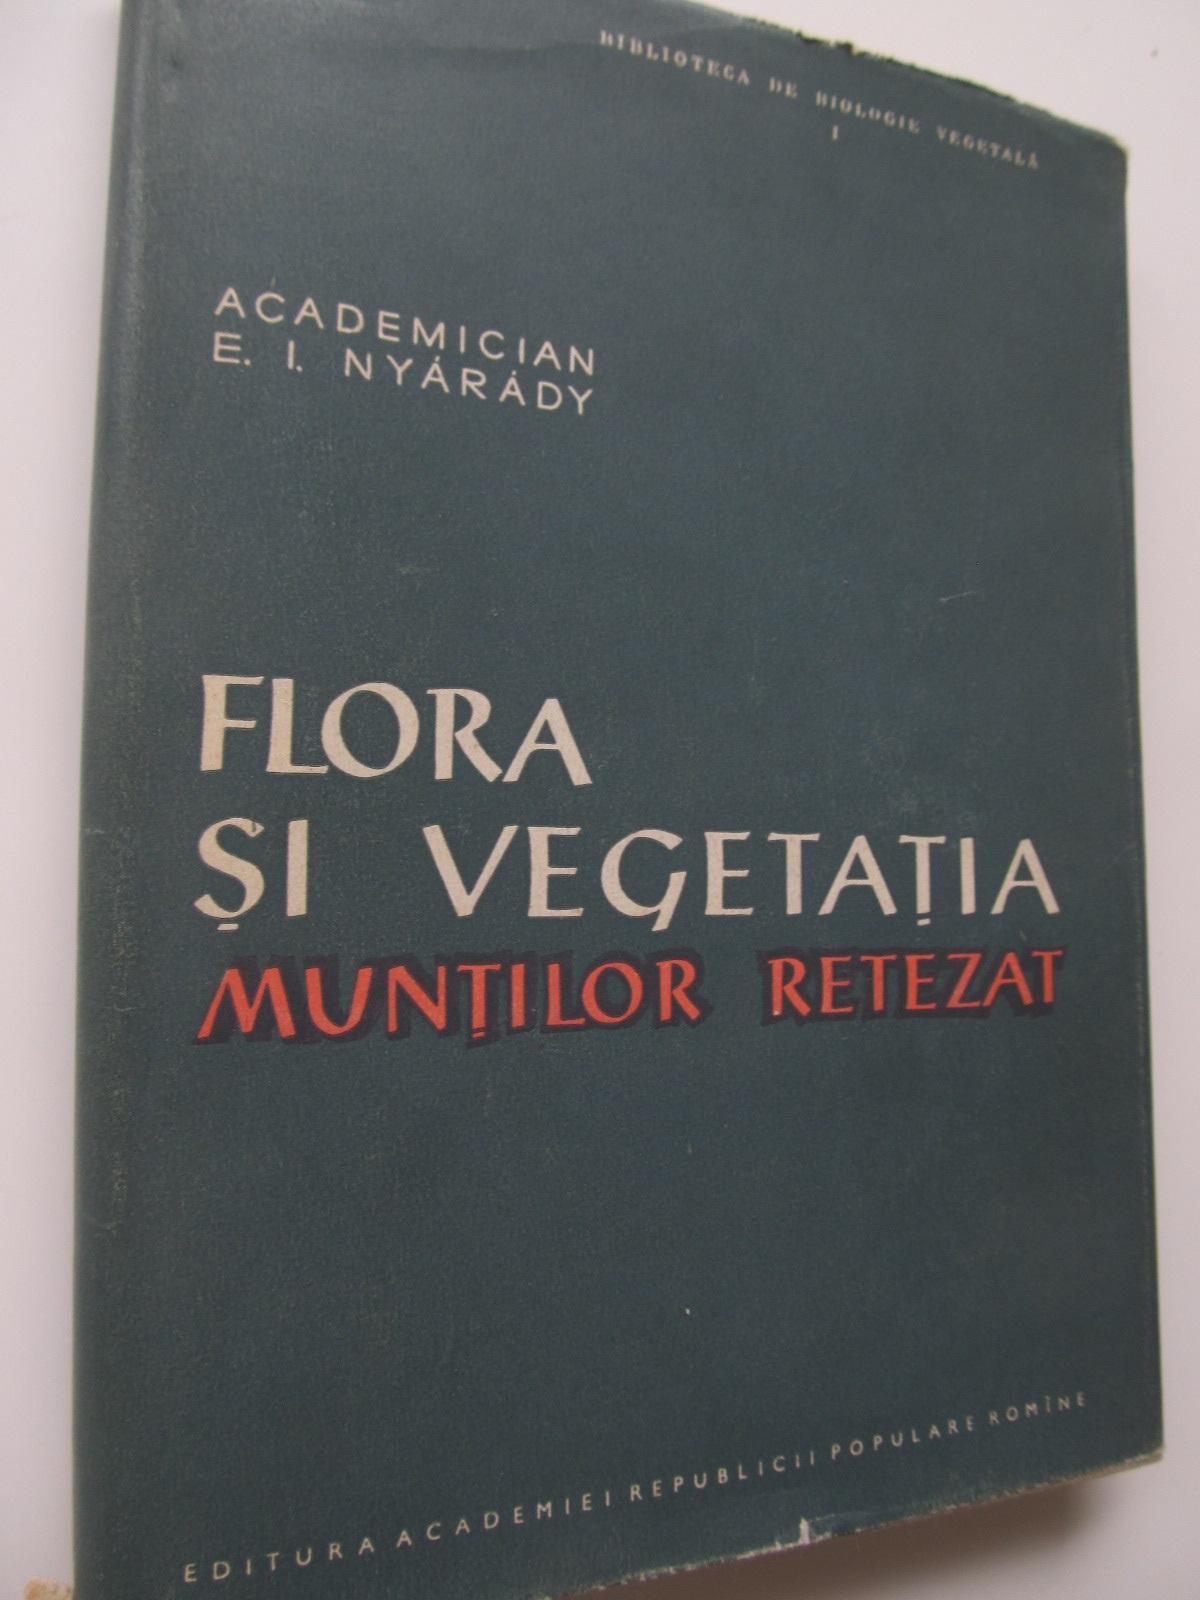 Flora si vegetatia muntilor Retezat - E. I. Nyarady | Detalii carte